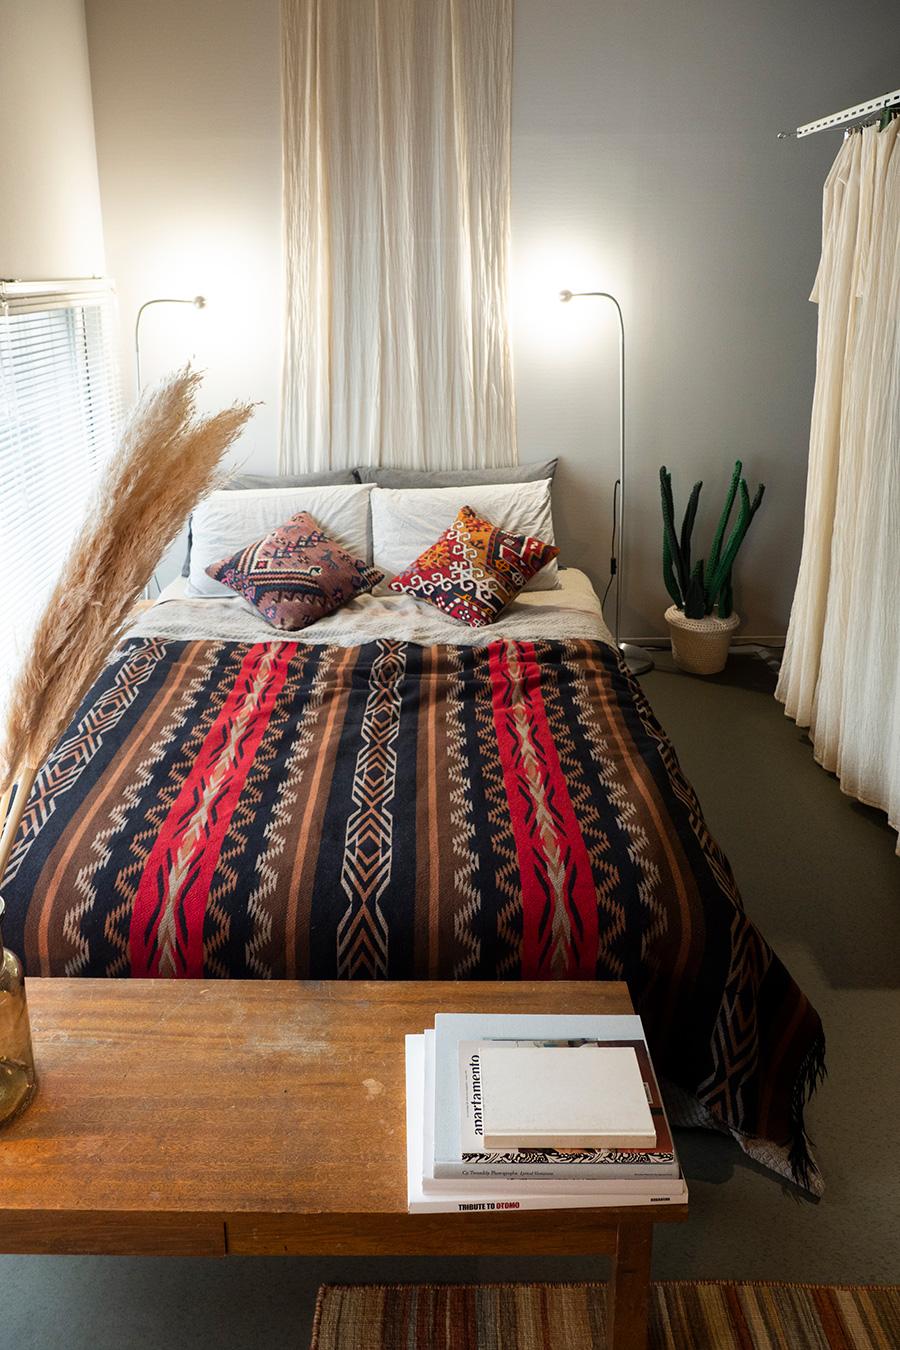 シンメトリーにこだわったベッドまわり。IKEAのスタンドライトはシェードを外して、ランプの光を壁に当てている。ベッドカバーはPENDLETON。